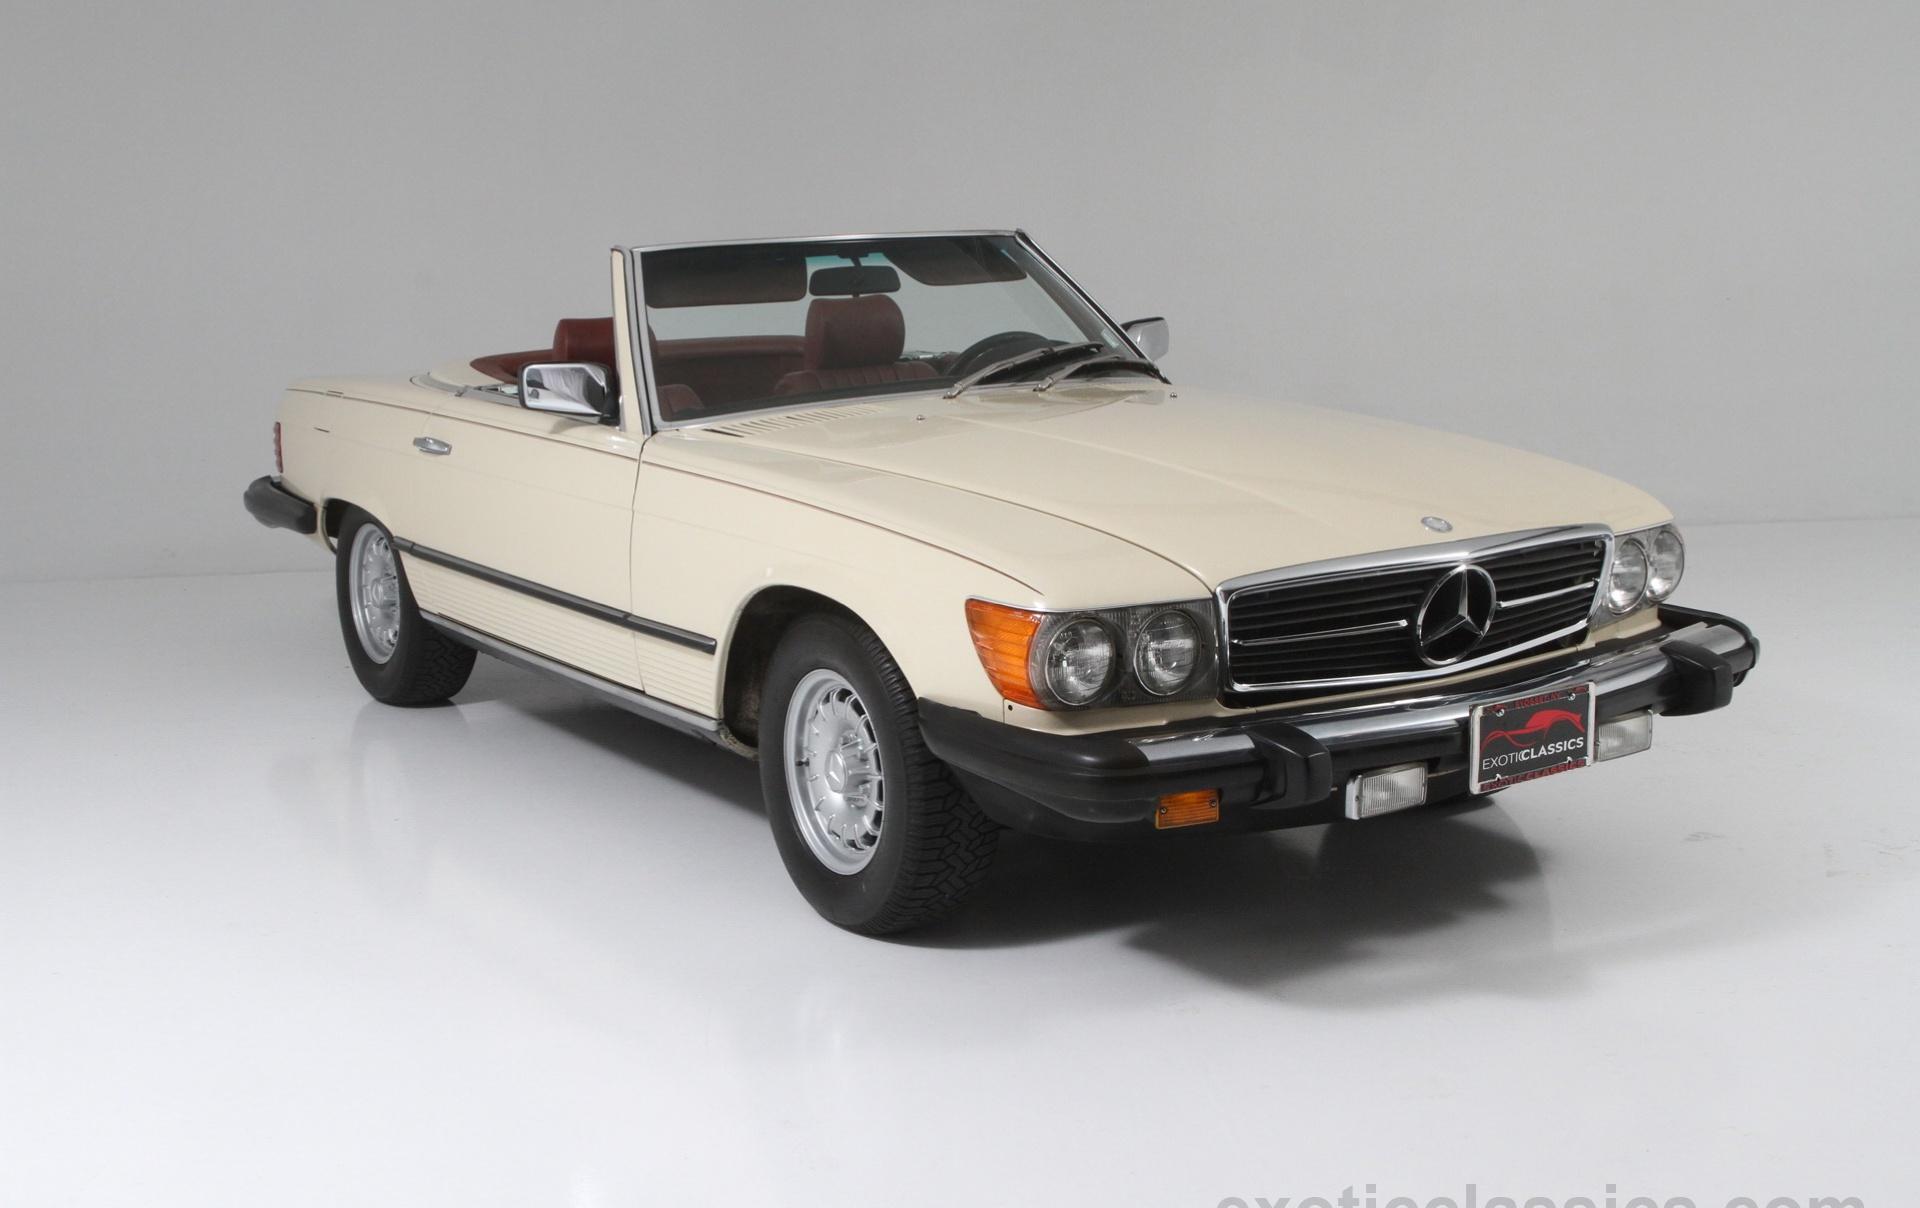 1980 mercedes benz 450sl exotic and classic car for 1980 mercedes benz 450sl